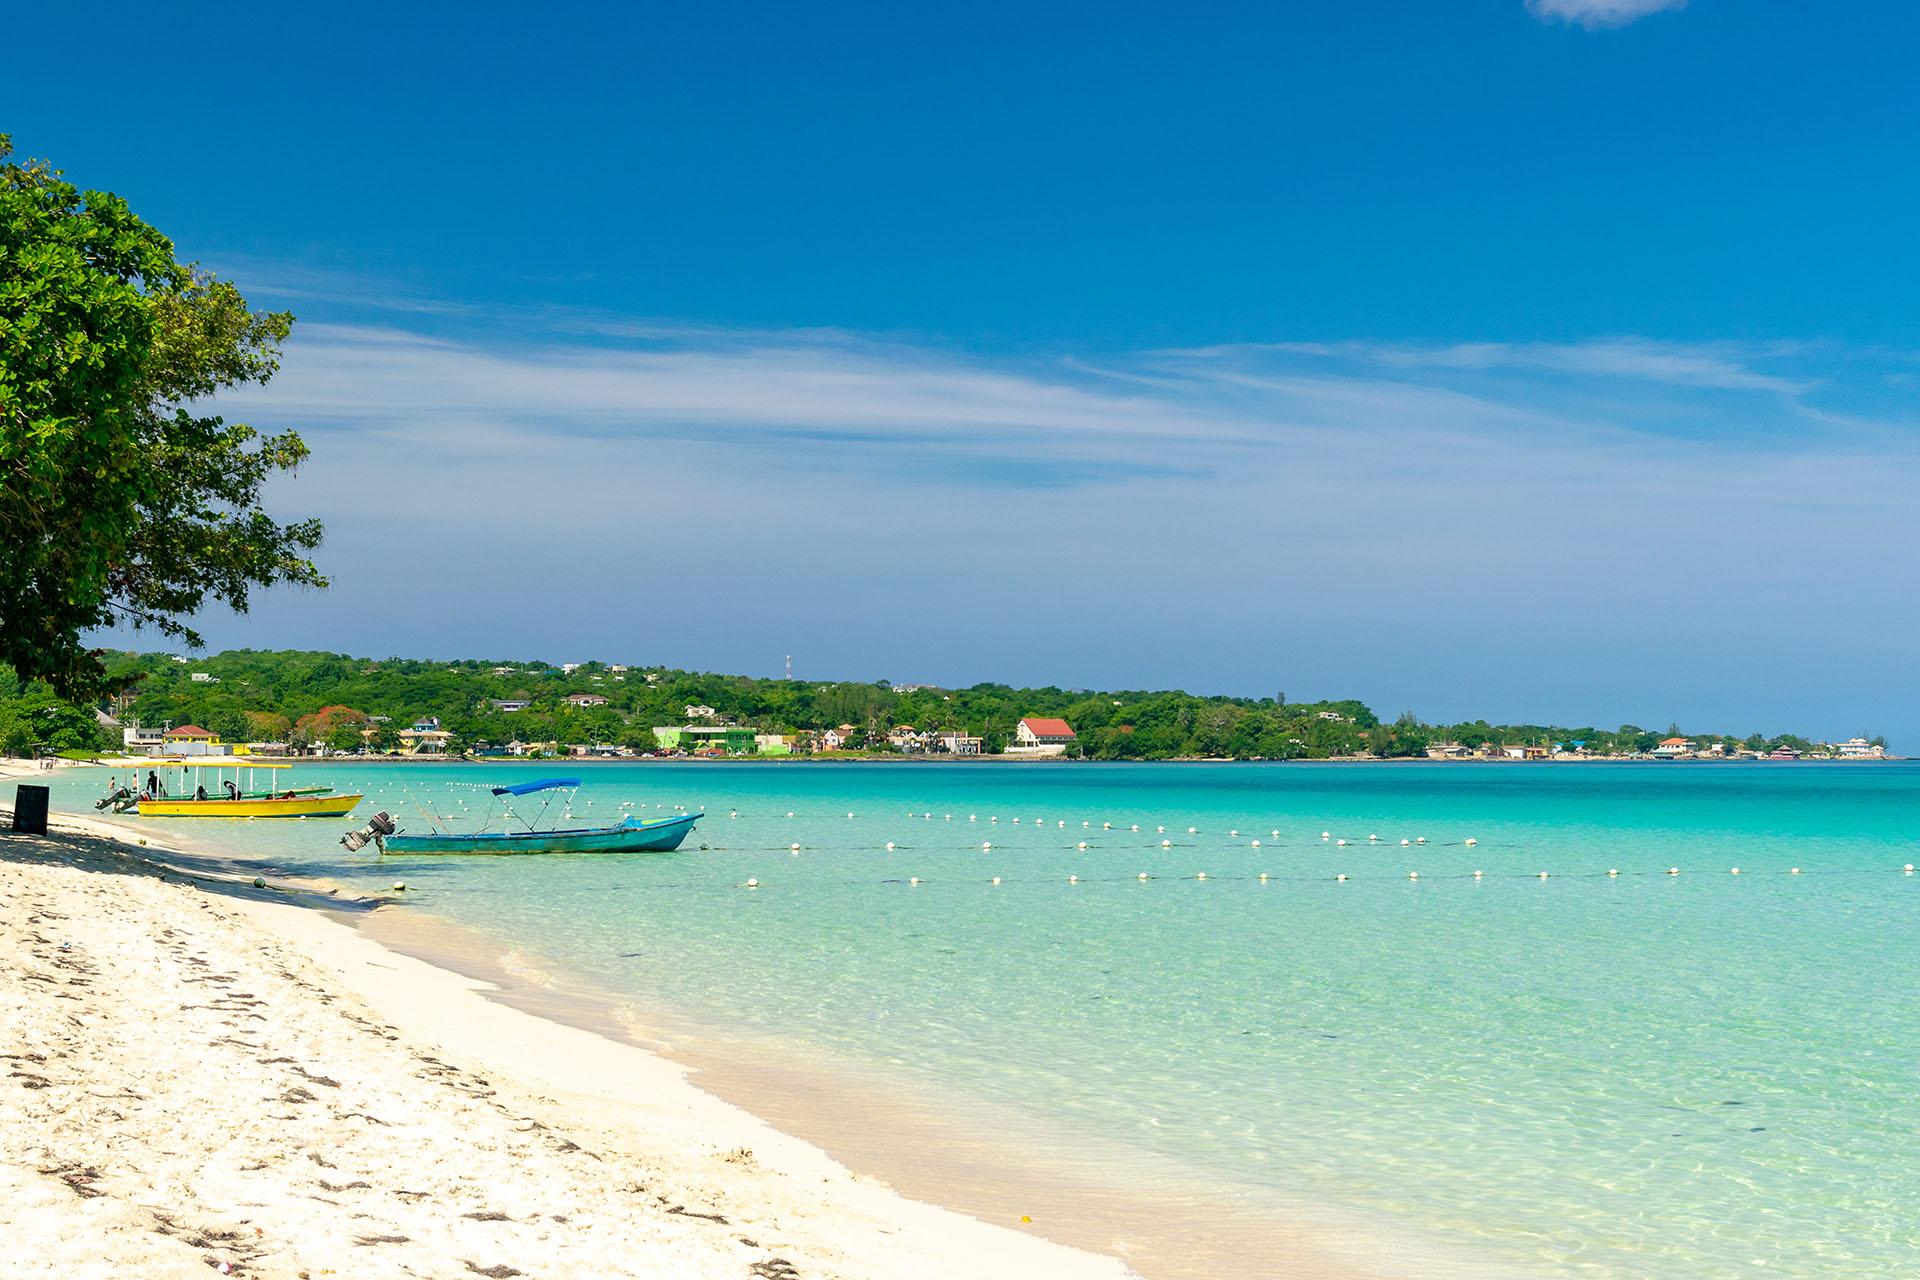 Esta idílica playa tiene palmeras, aguas cristalinas y cocos frescos característicos para disfrutar. Treasure Beach es un tramo de siete millas de arena de color coral y costas rocosas que se volvió muy popular en el último tiempo